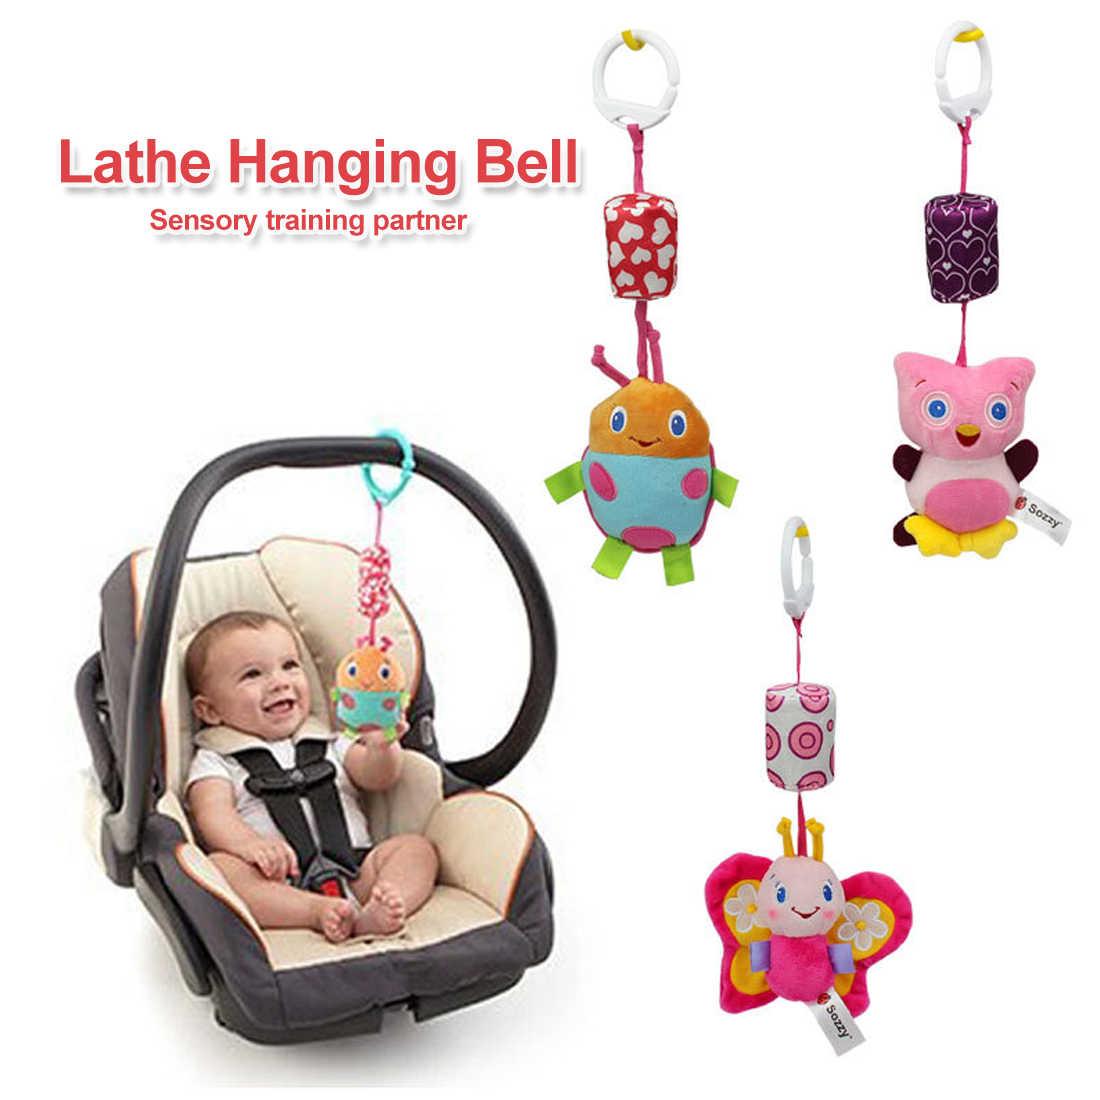 Juguetes del bebé 0-12months cuna móvil musical de juguete de peluche de felpa para cochecito colgando cama de dibujos animados de animales de viento con mordedores de silicona